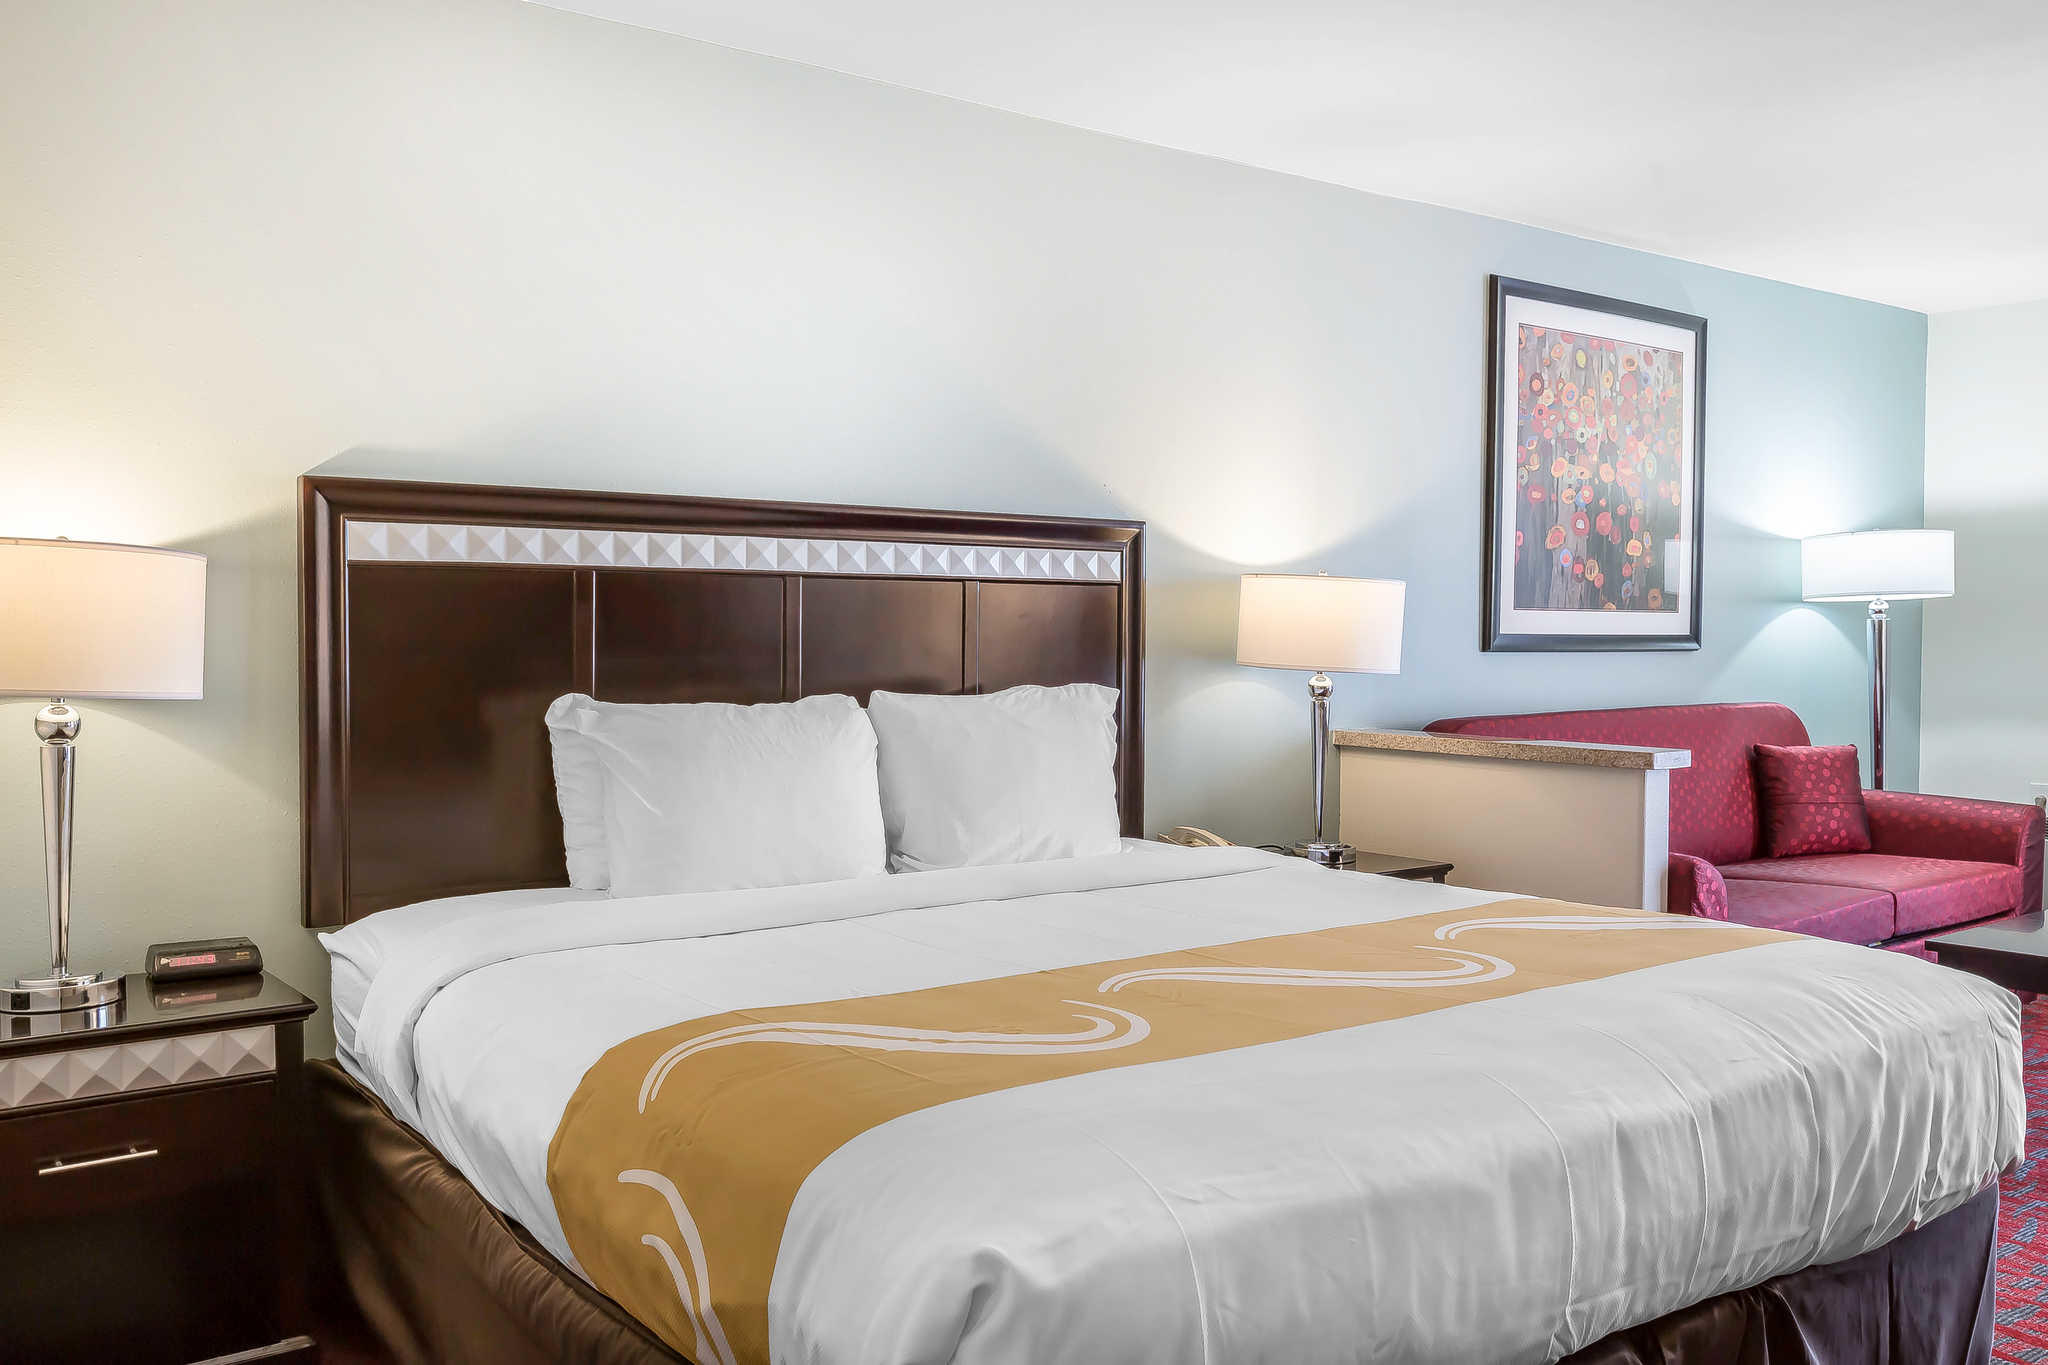 Quality Inn & Suites Irvine Spectrum image 28